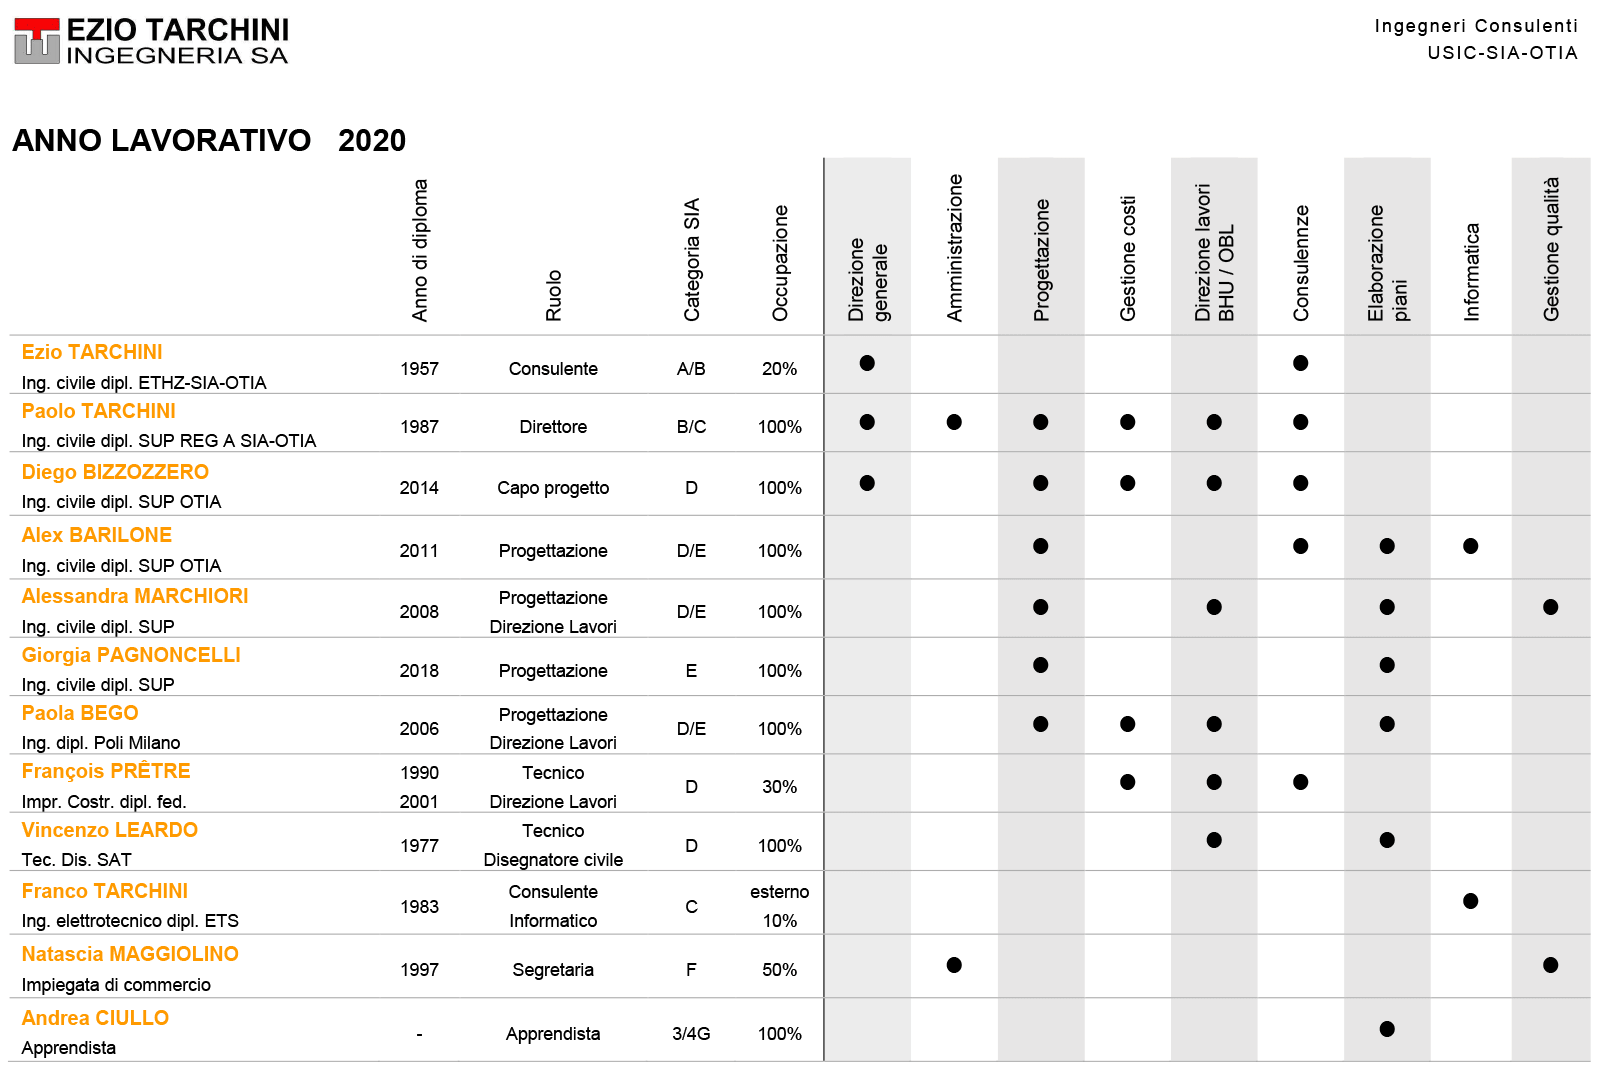 organizzazione-2020